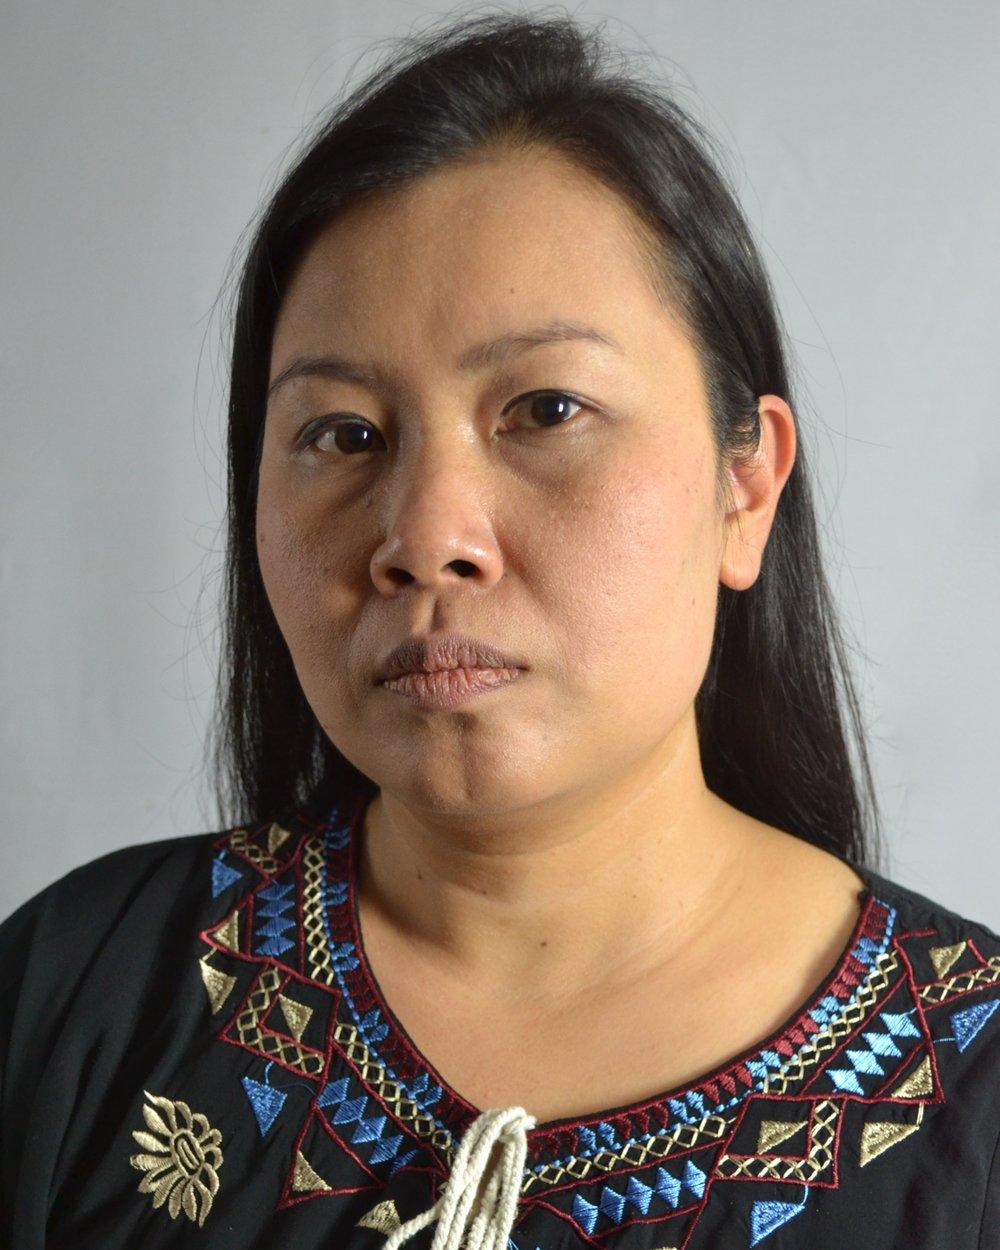 Ying Jandak